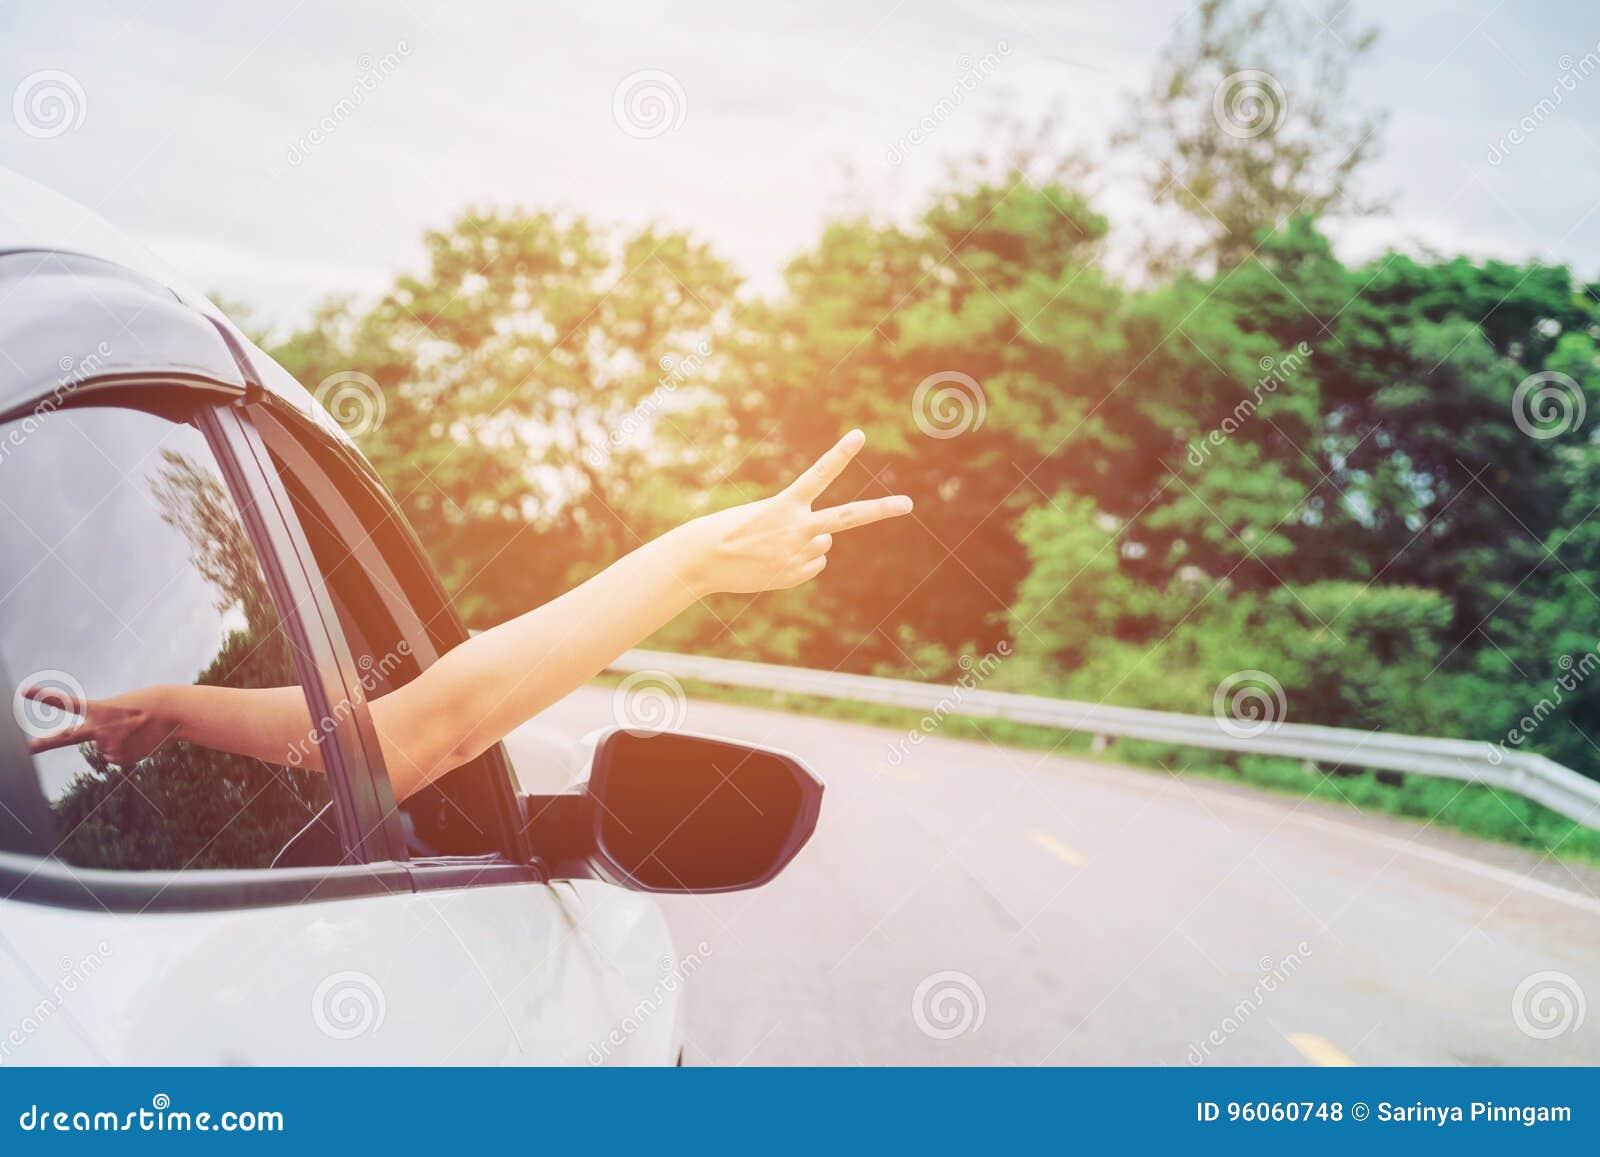 Belle fille heureuse voyageant dans une voiture de berline avec hayon arrière